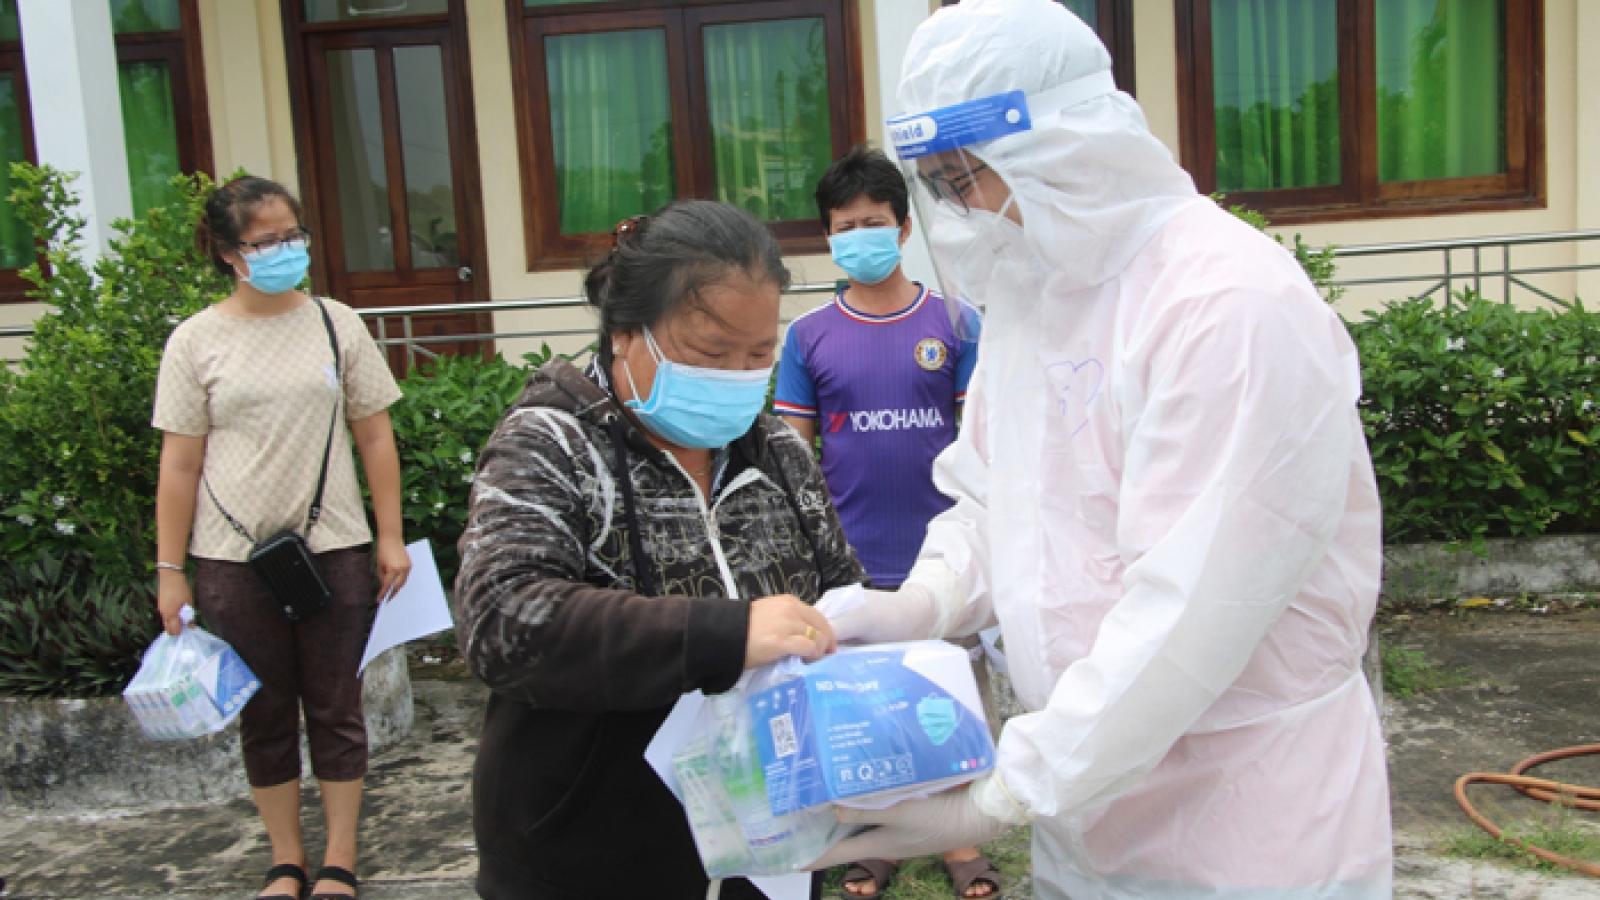 31 bệnh nhân Covid-19 ở Đồng Tháp được xuất viện